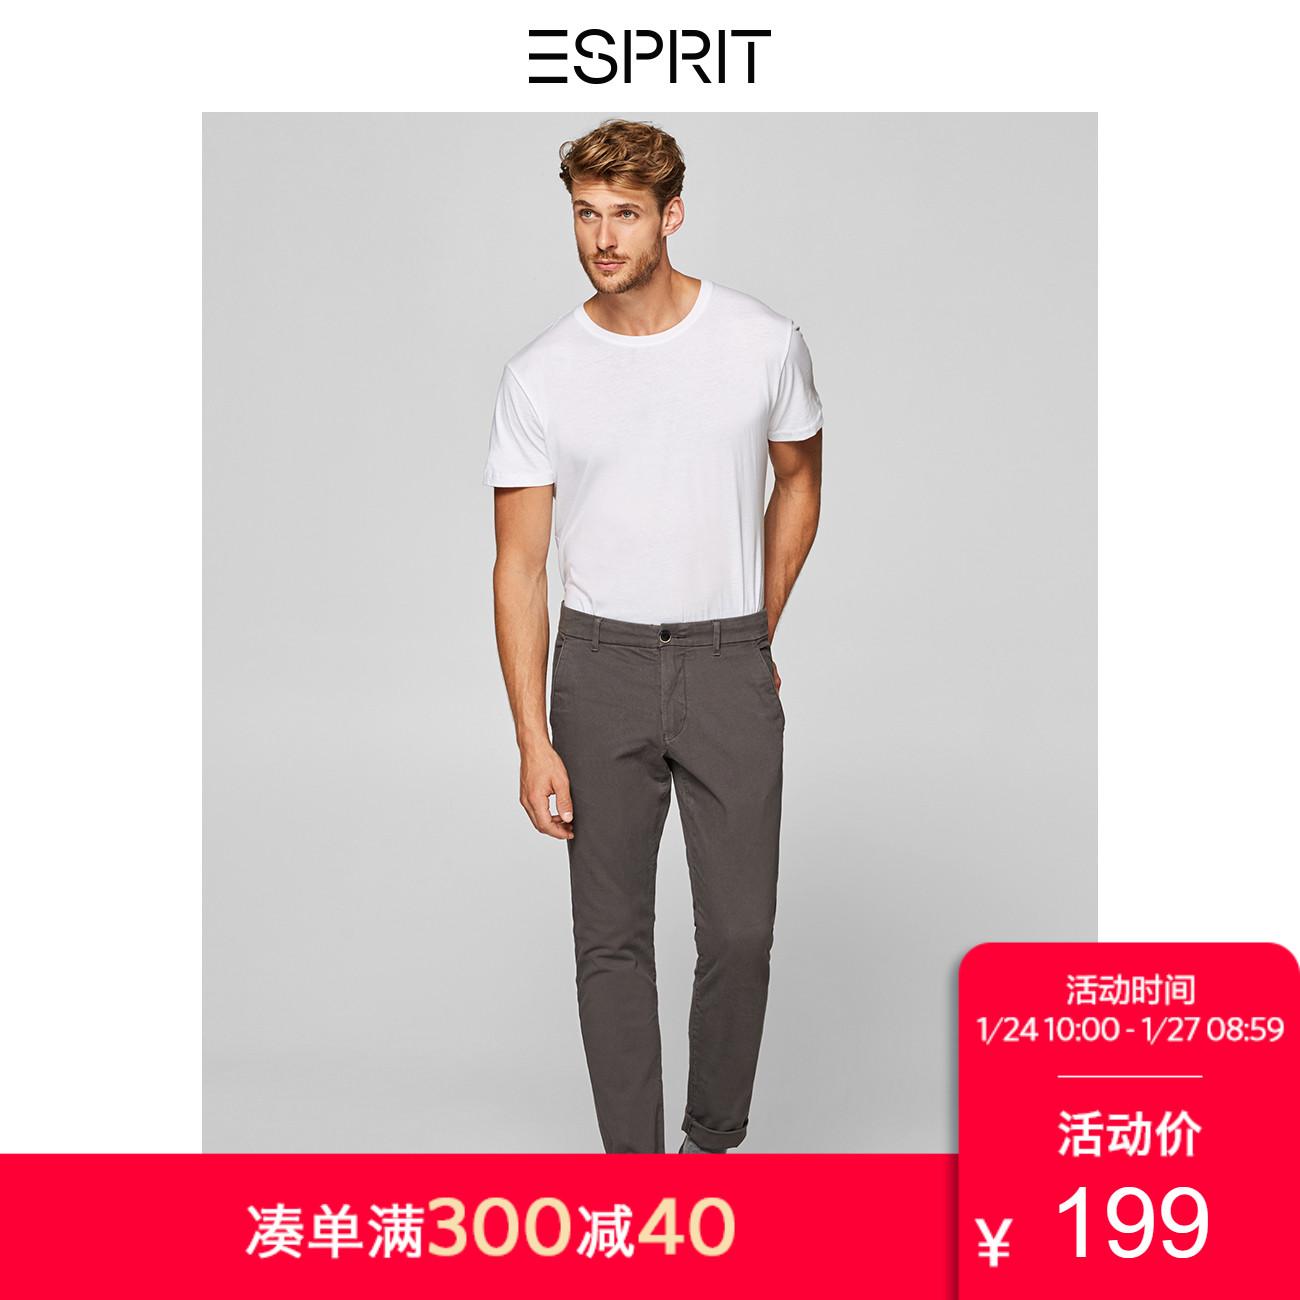 ESPRIT 男装冬简约直筒长裤棉弹纯色休闲裤子-108EE2B005